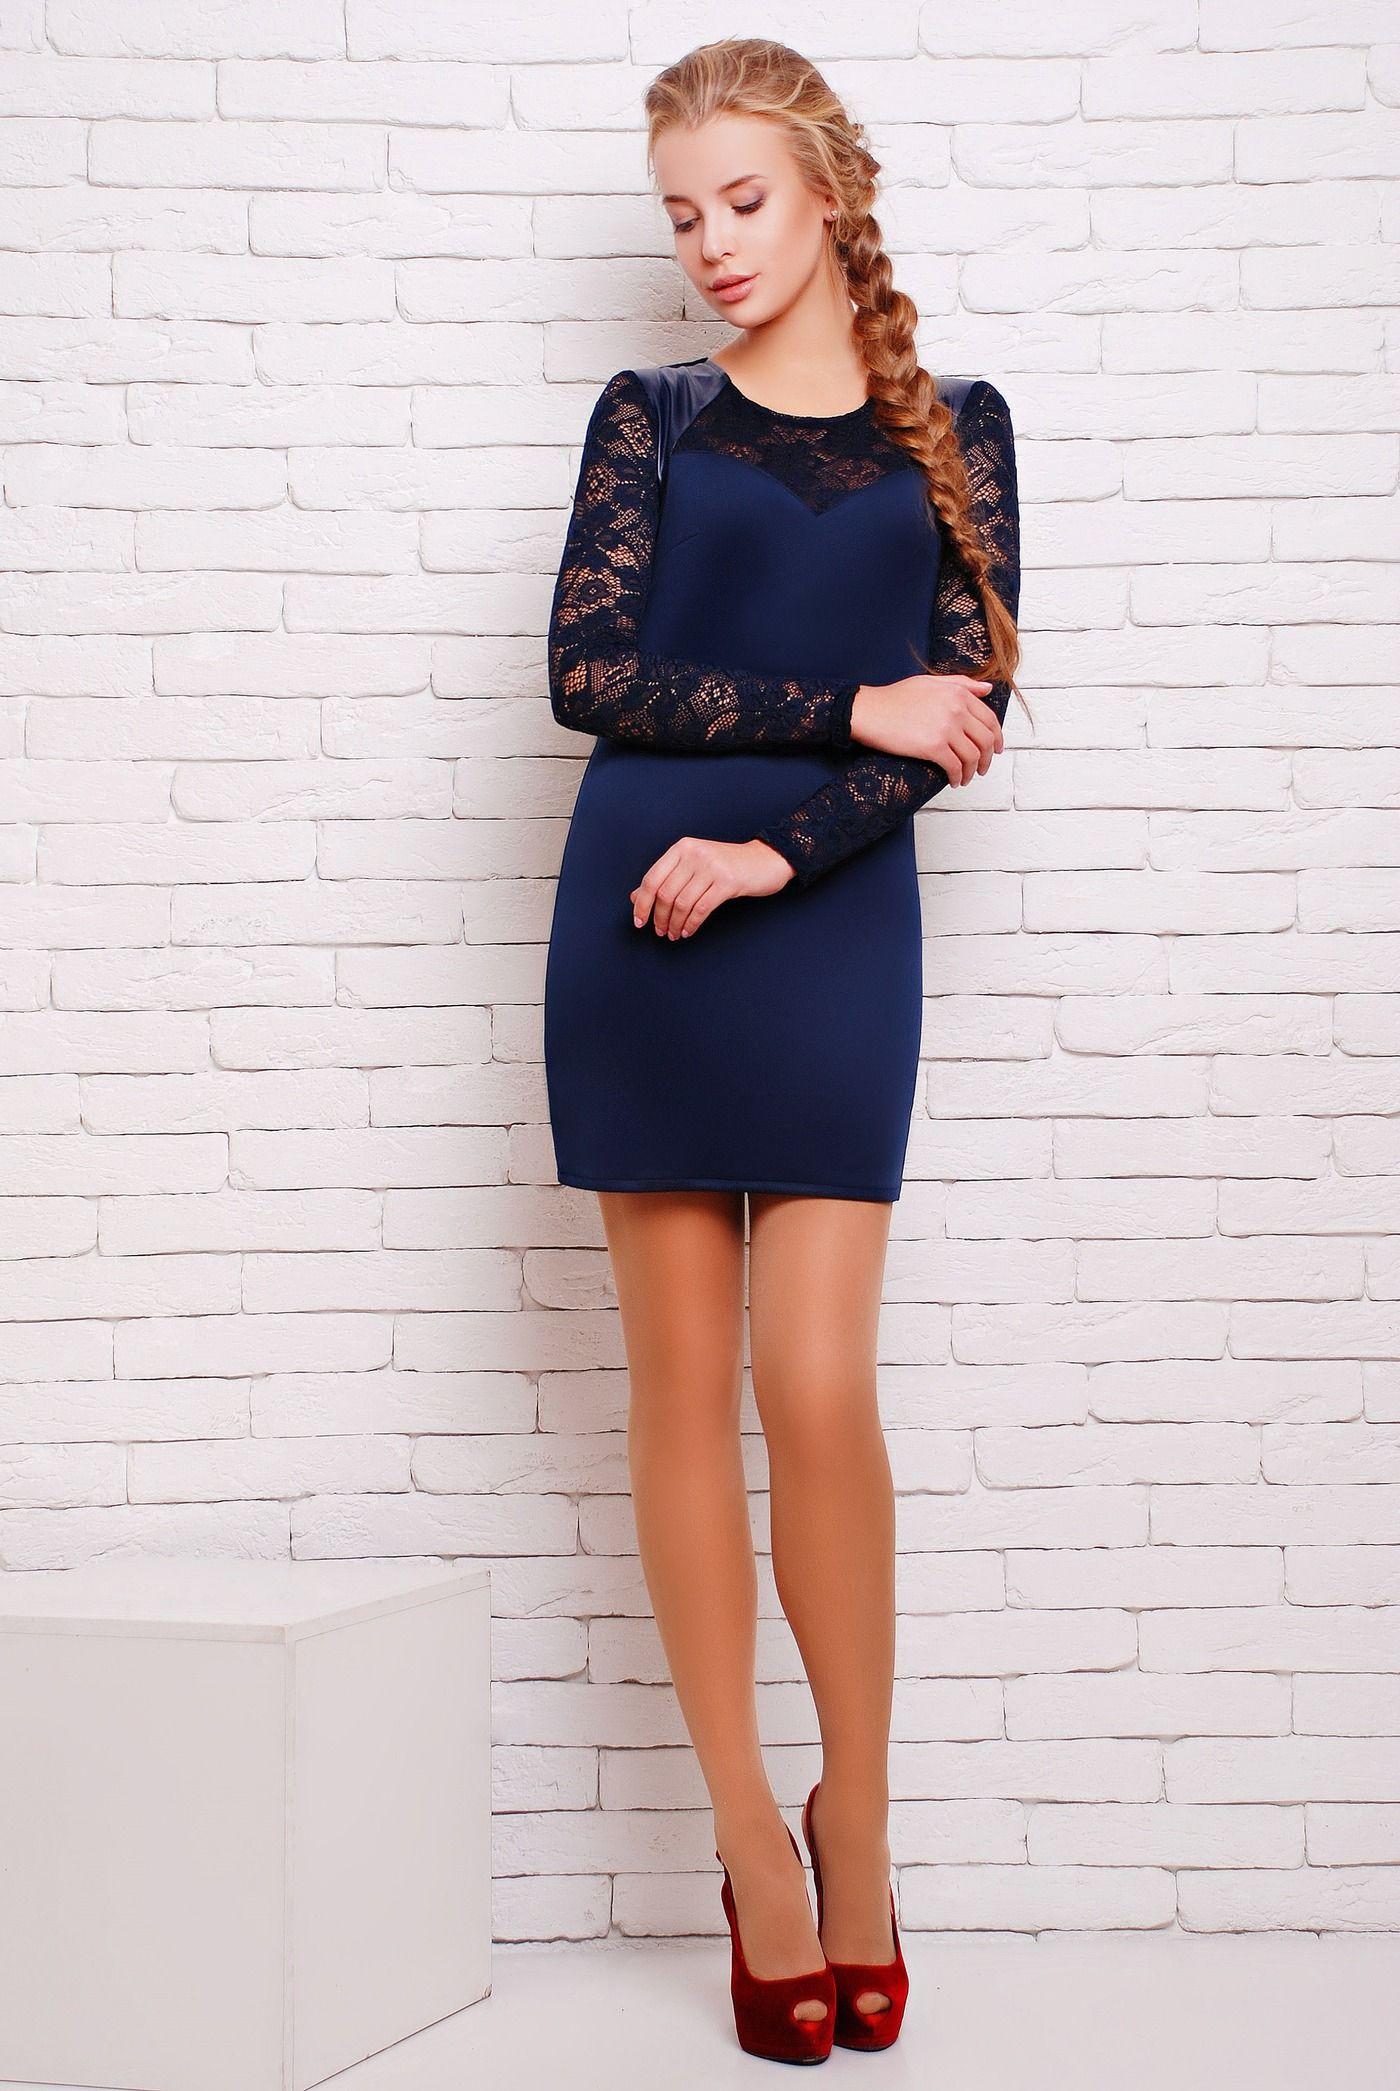 a296e10704de1d2 Платье облегающего силуэта цвет синий ВИВА - комбинированное короткое  облегающее однотонное платье. Рукава, кокетка